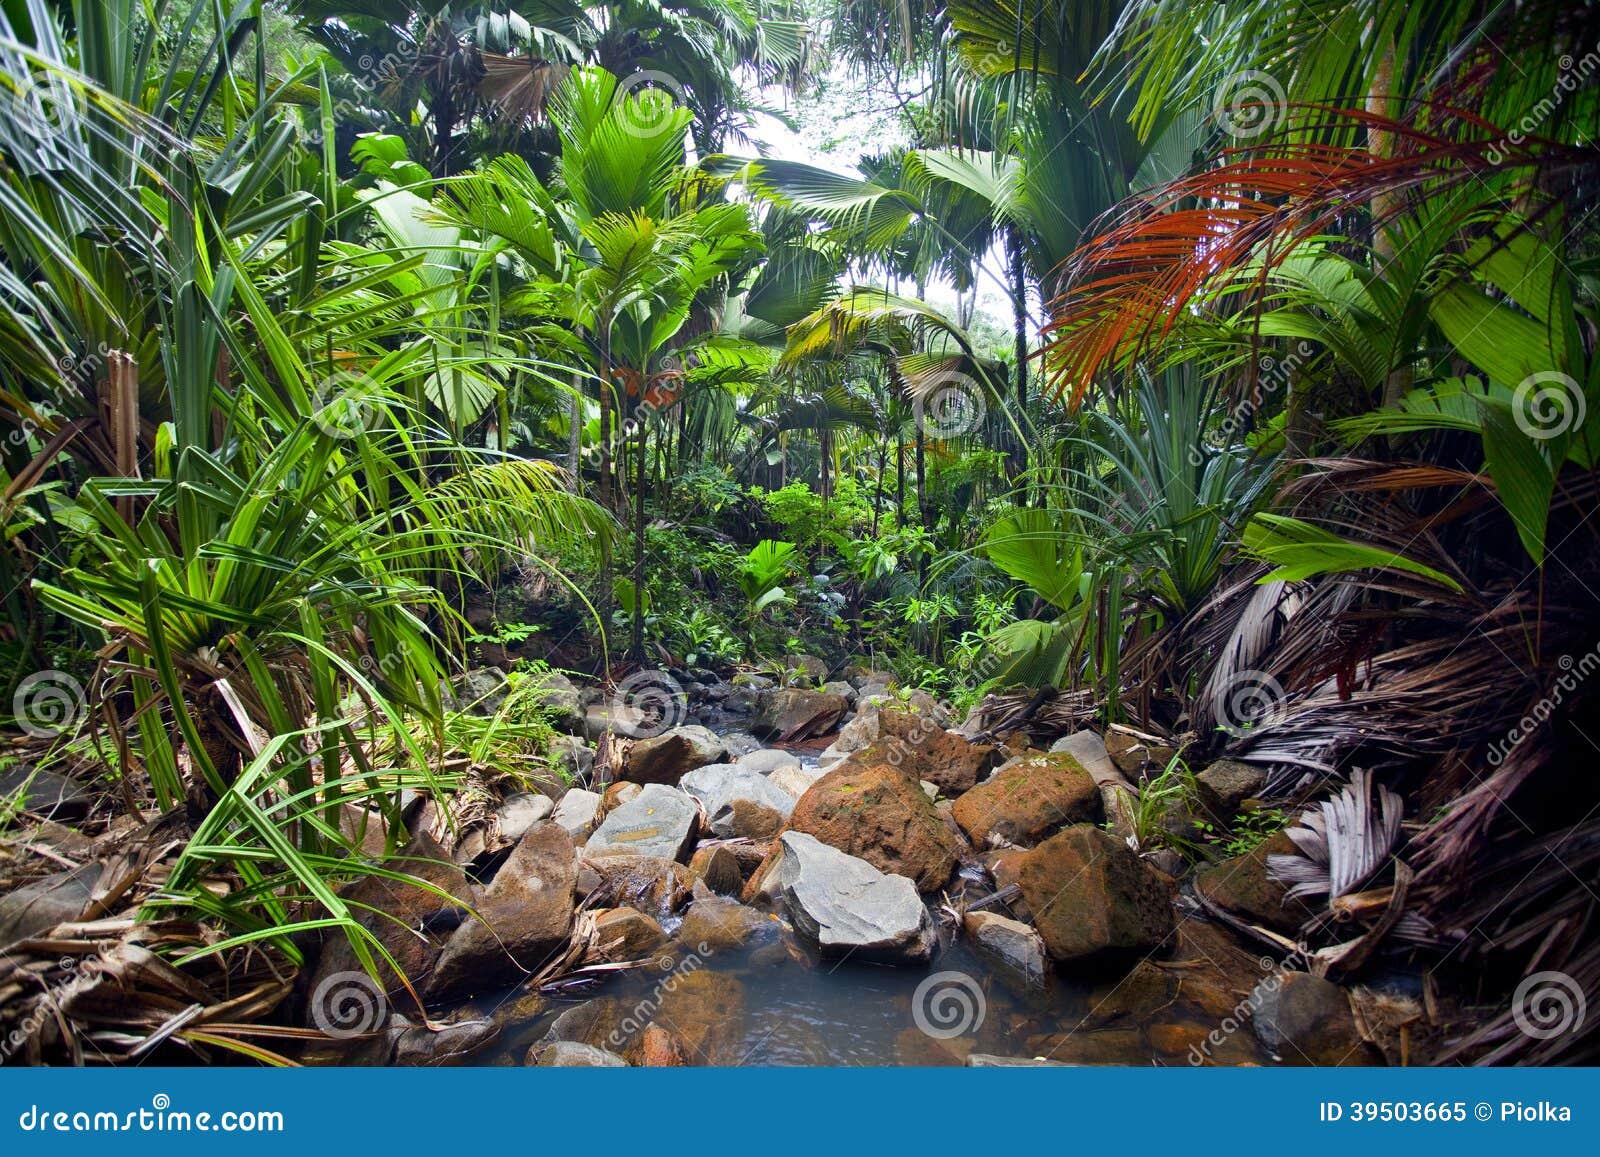 Paesaggio della giungla con insenatura